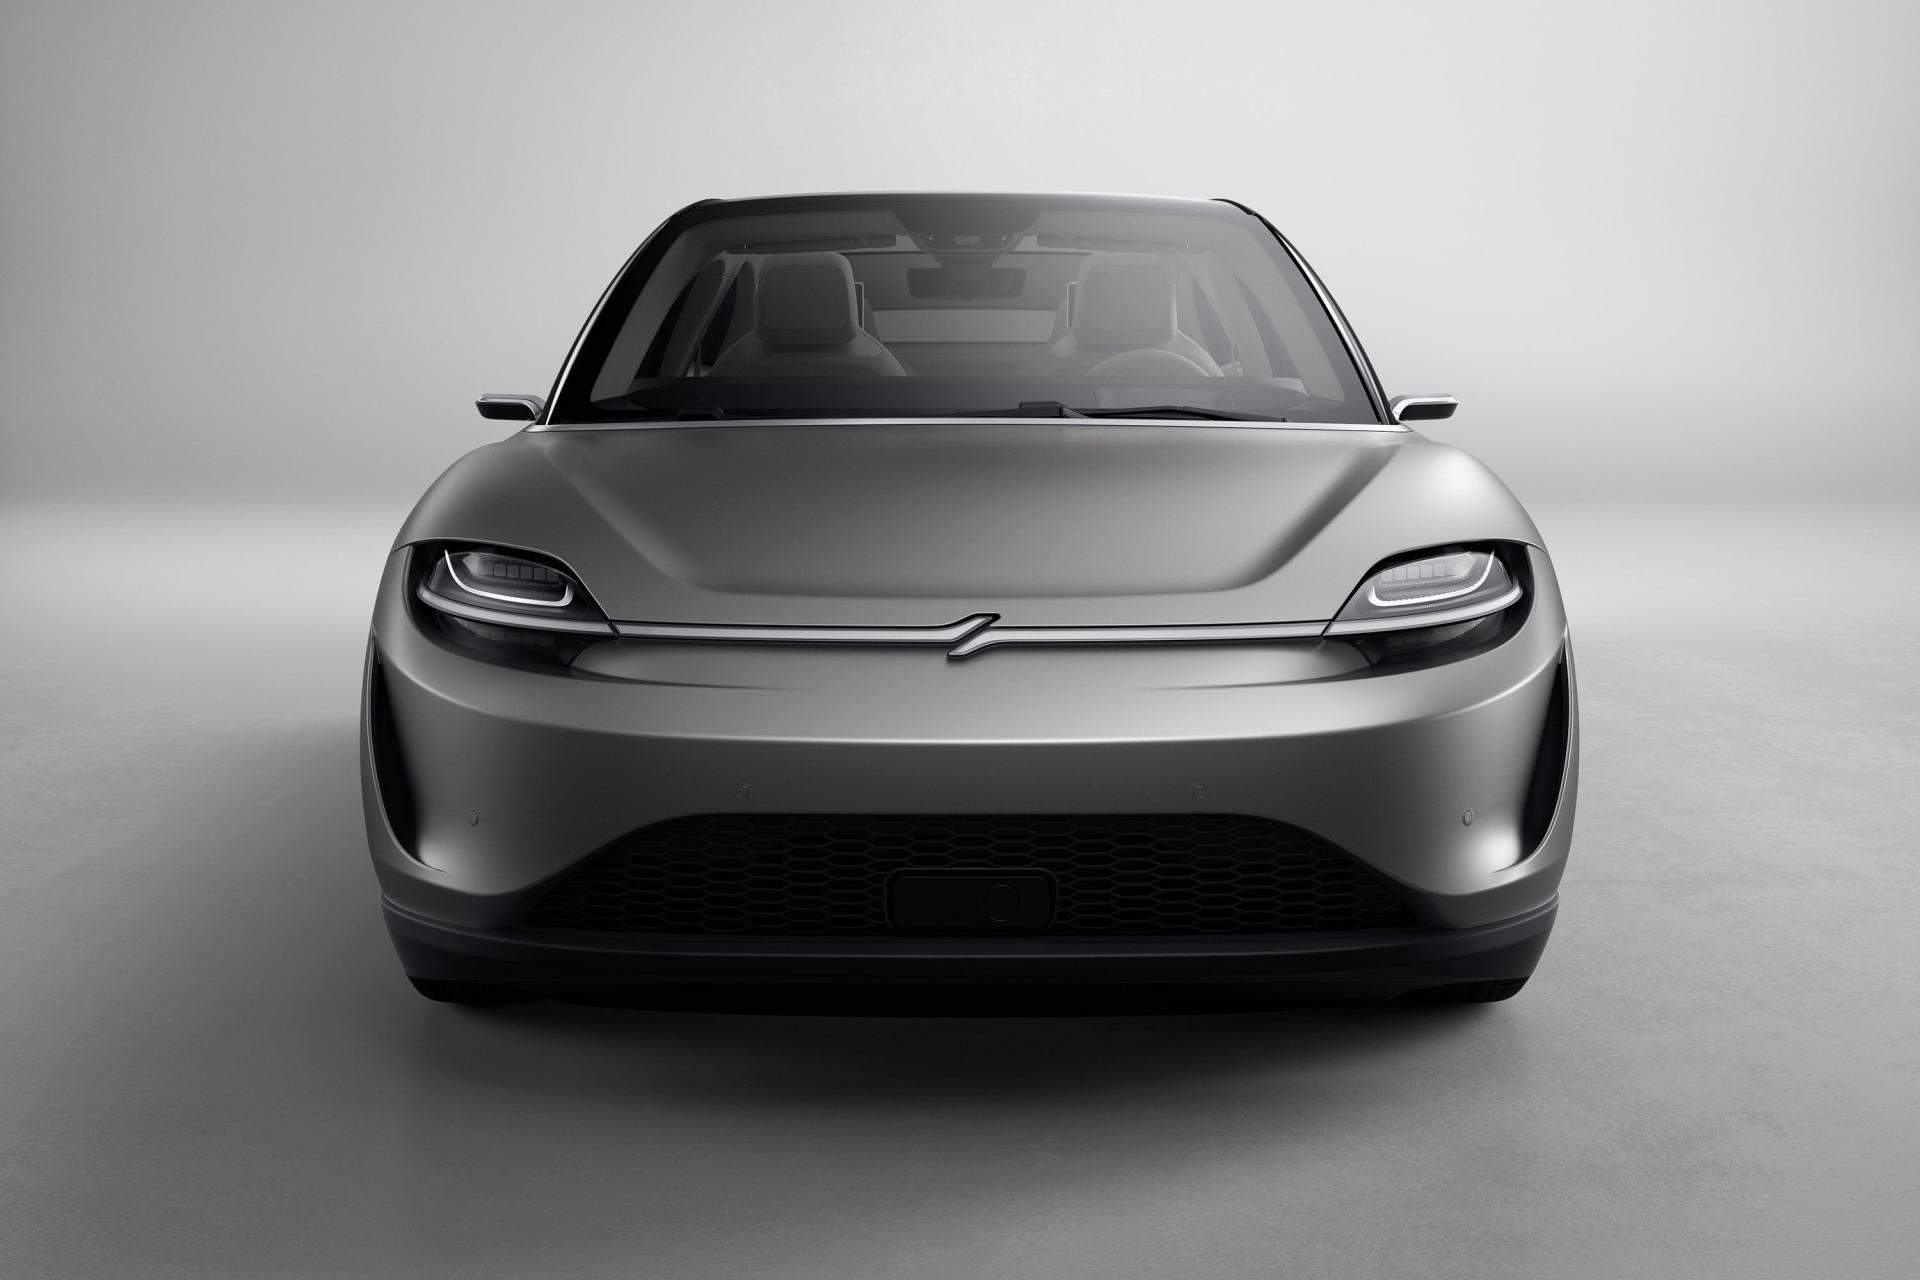 Sony bất ngờ ra mắt mẫu xe điện Vision-S tại CES 2020 - 4